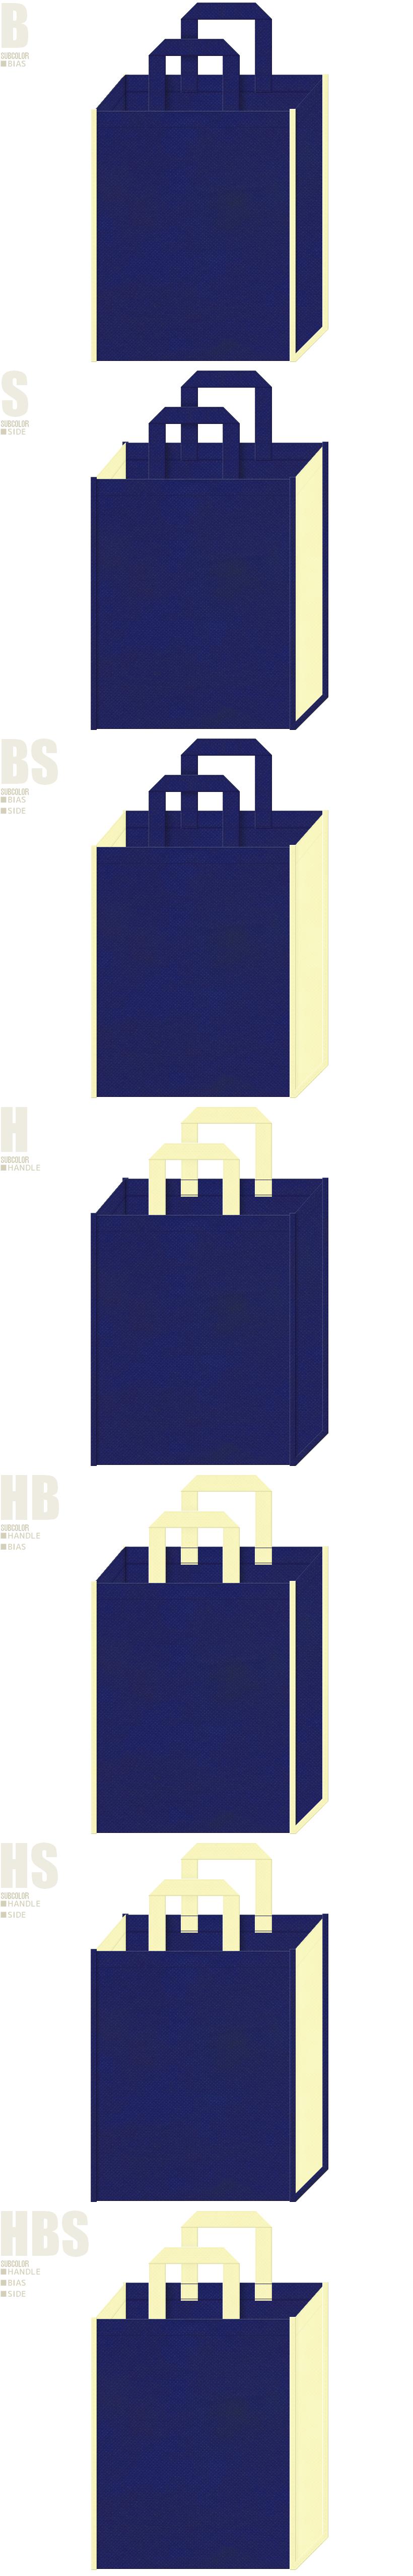 ゲームのバッグノベルティにお奨めの、紺紫色と淡黄色-7パターンの不織布トートバッグ配色デザイン例。月のイメージ